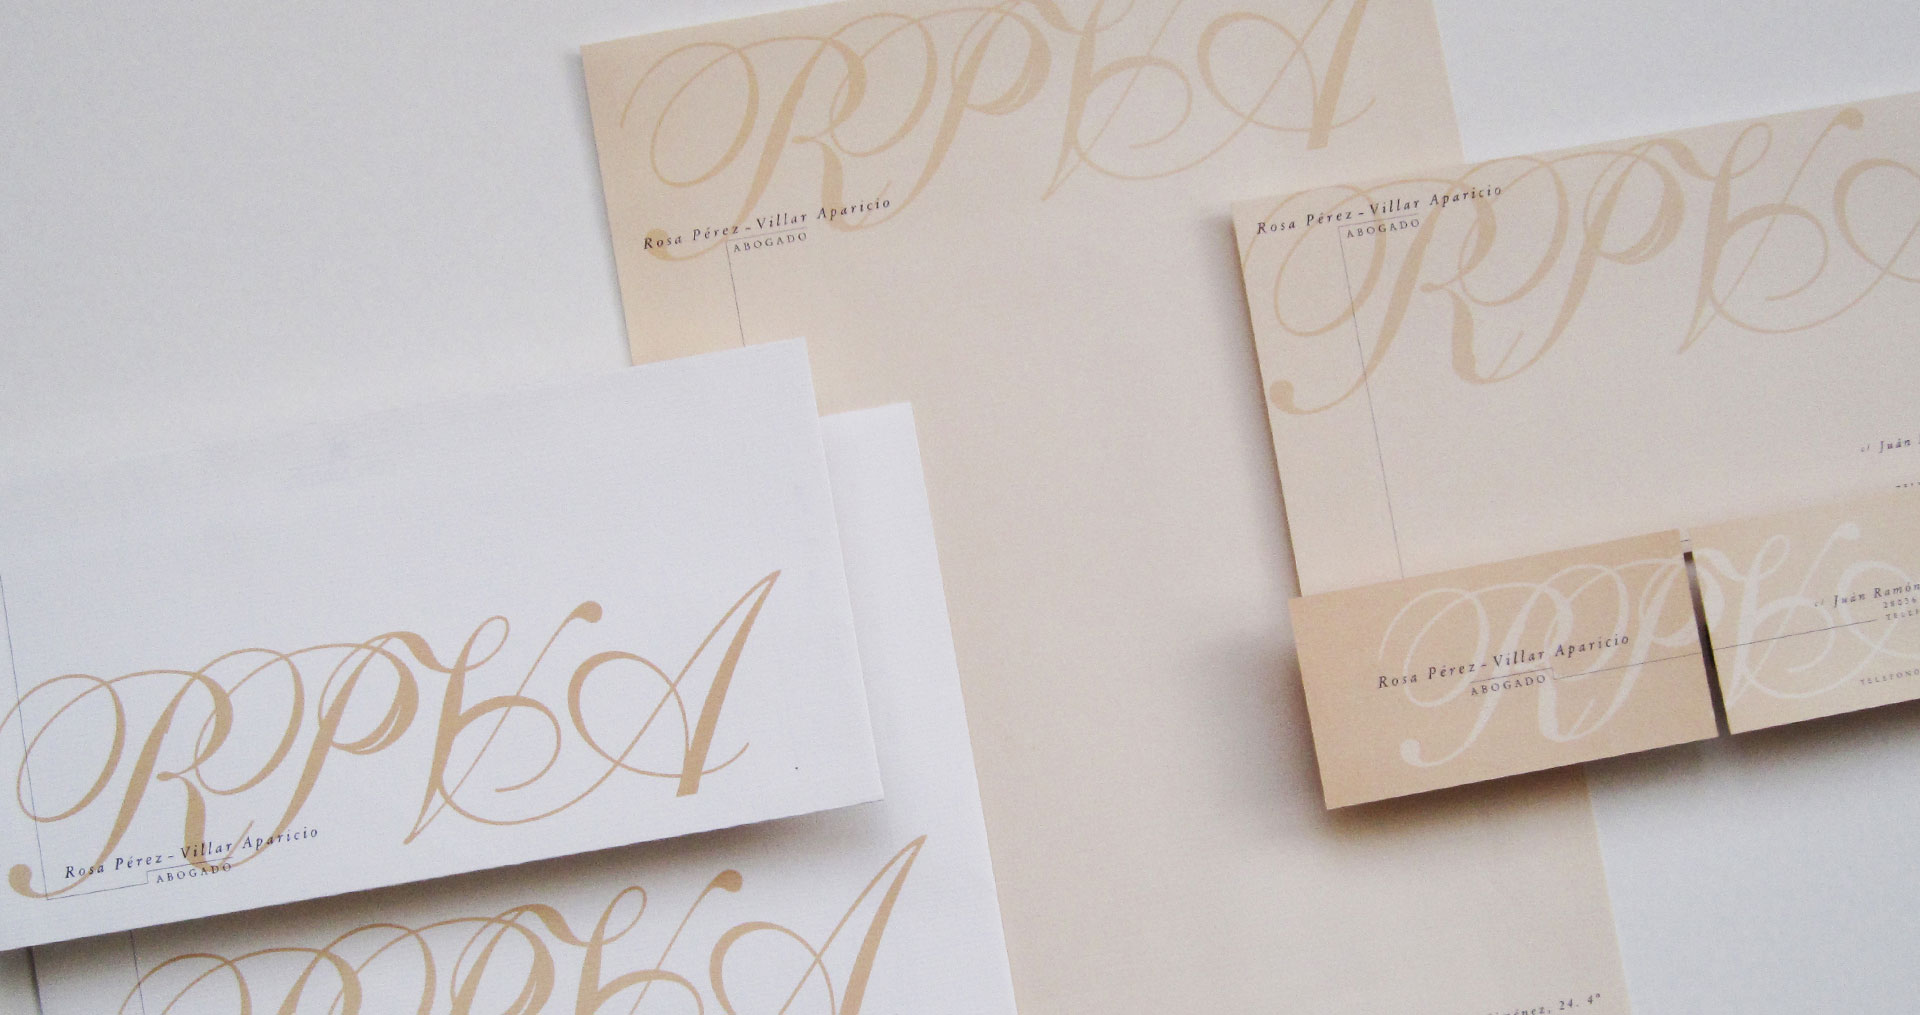 symp: logotipo y papelería para Rosa Pérez-Villar Aparicio Abogado